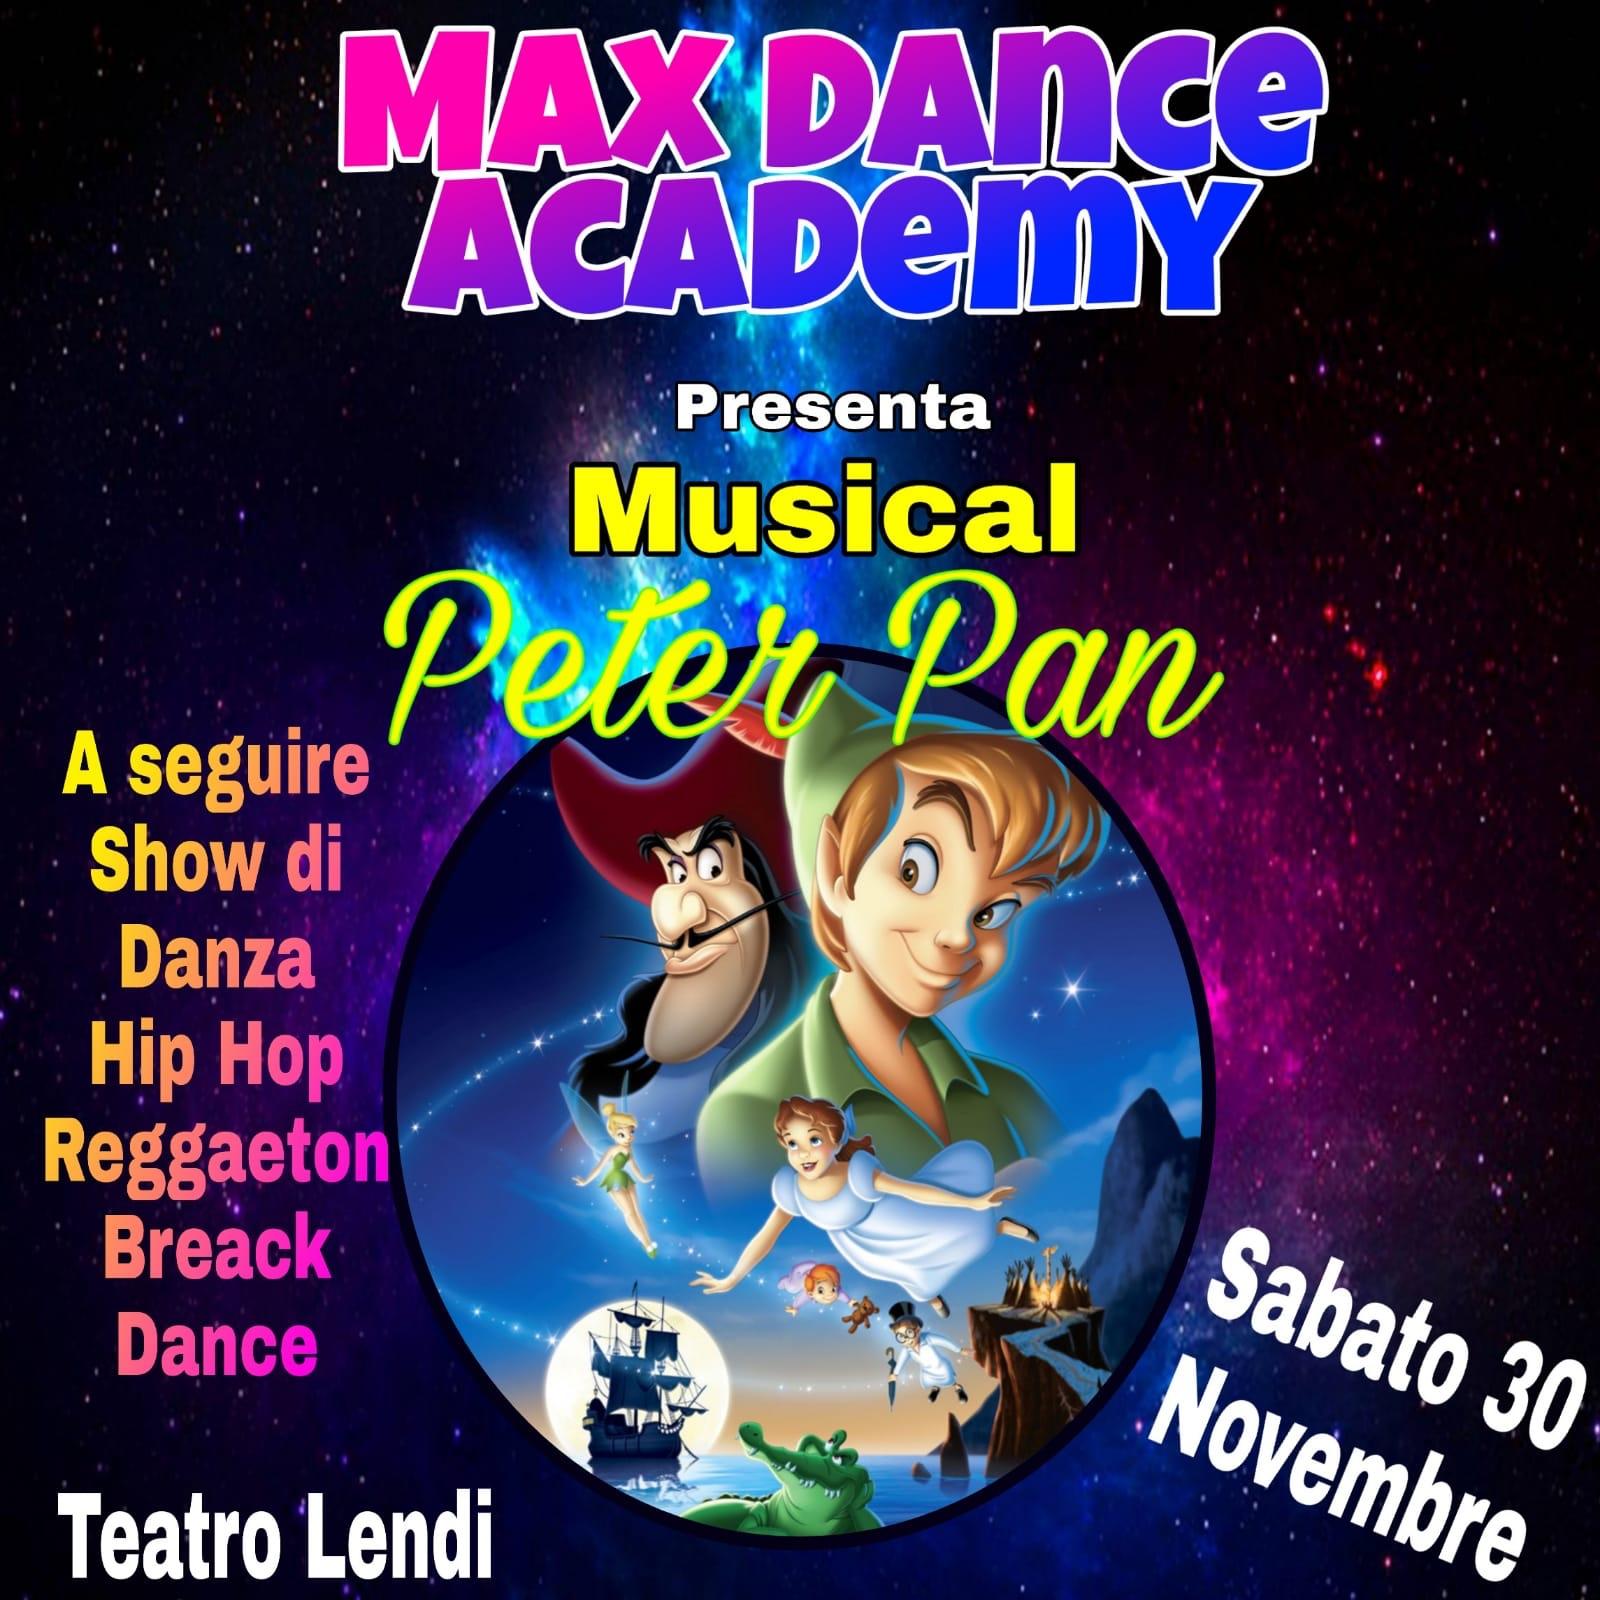 Max Dance Academy, al Teatro Lendi di Sant'Arpino la danza incontra la fiaba di Peter Pan